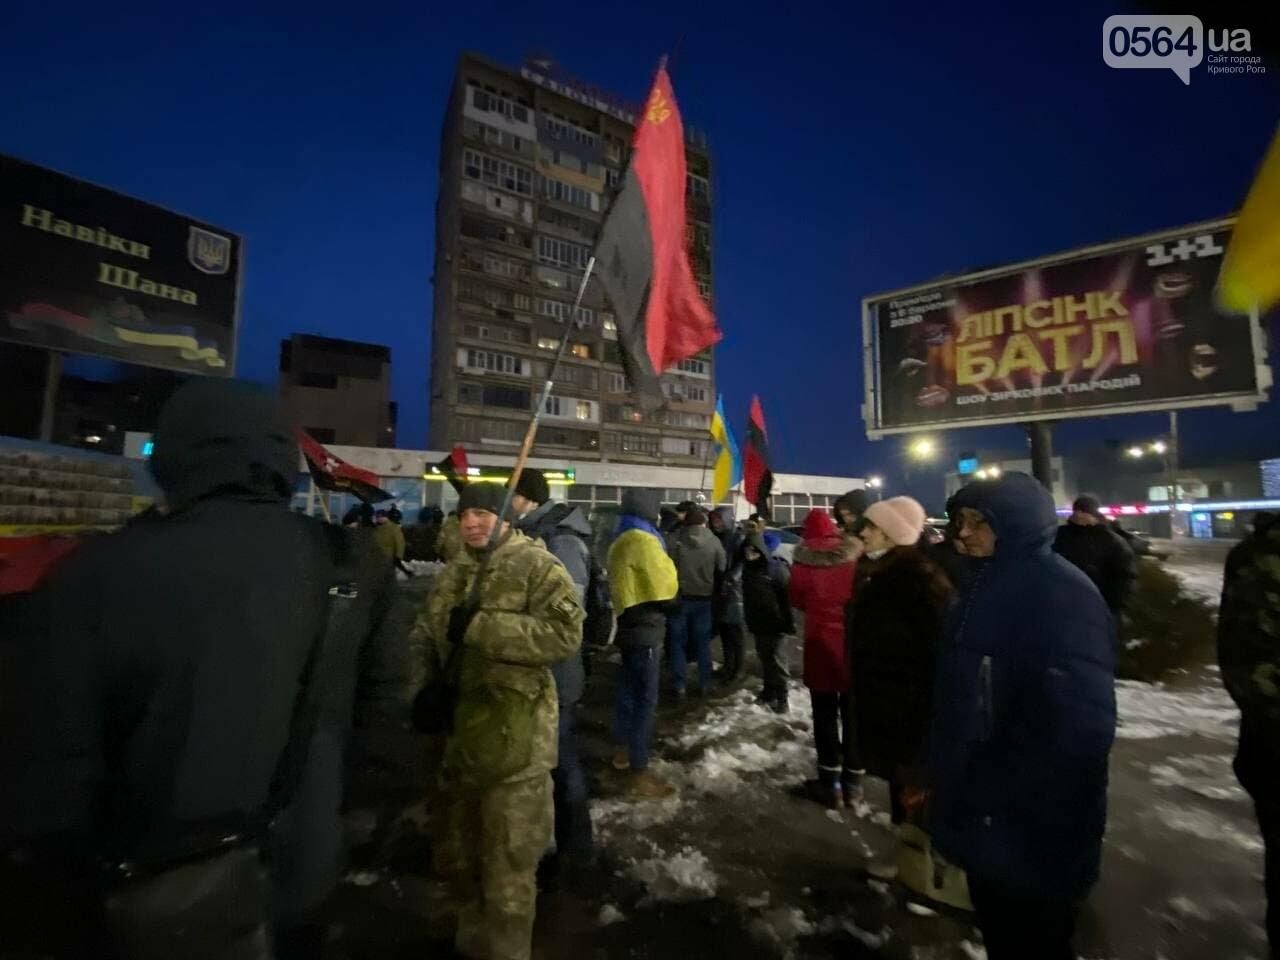 В Кривом Роге горожане вышли на митинг-реквием чтобы почтить память Героев Небесной Сотни, - ФОТО, ВИДЕО, фото-9